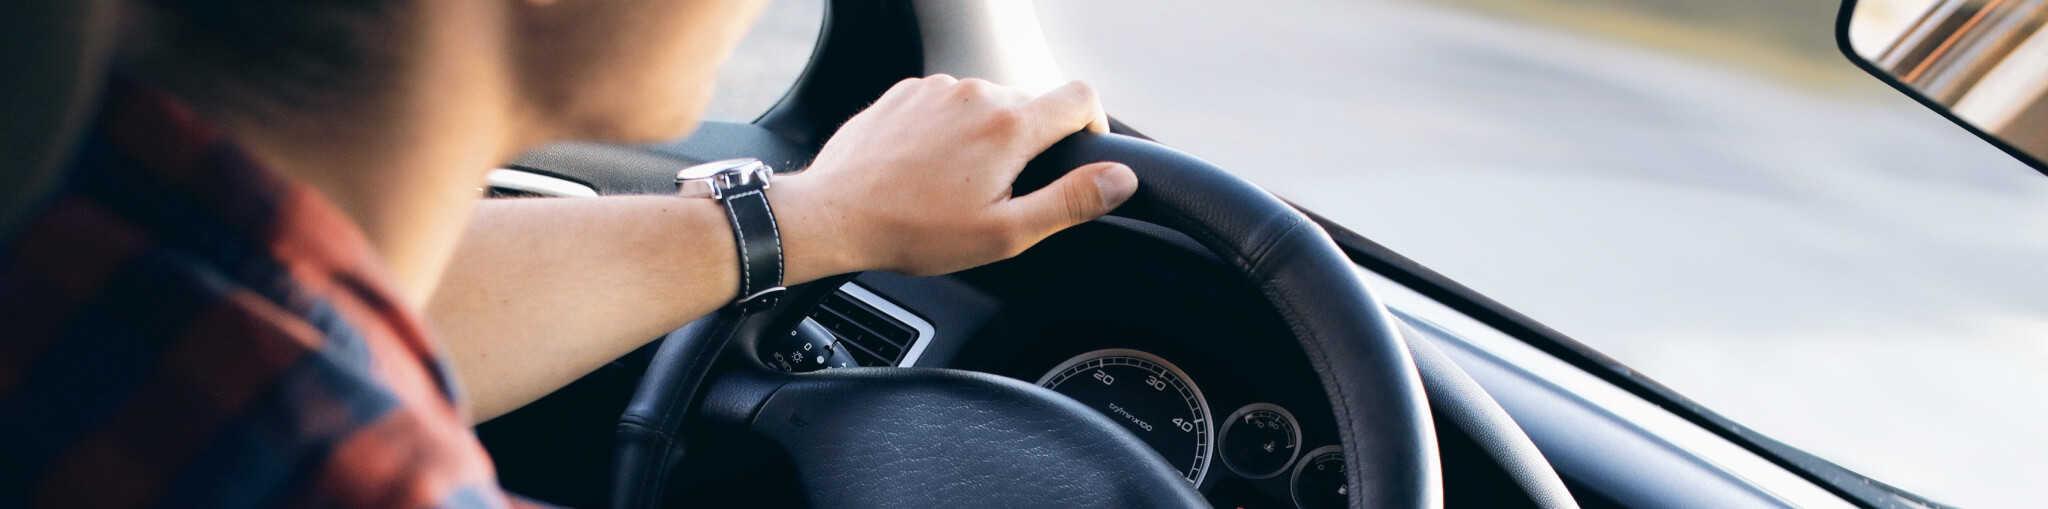 לימודי נהיגה על רכב ידני